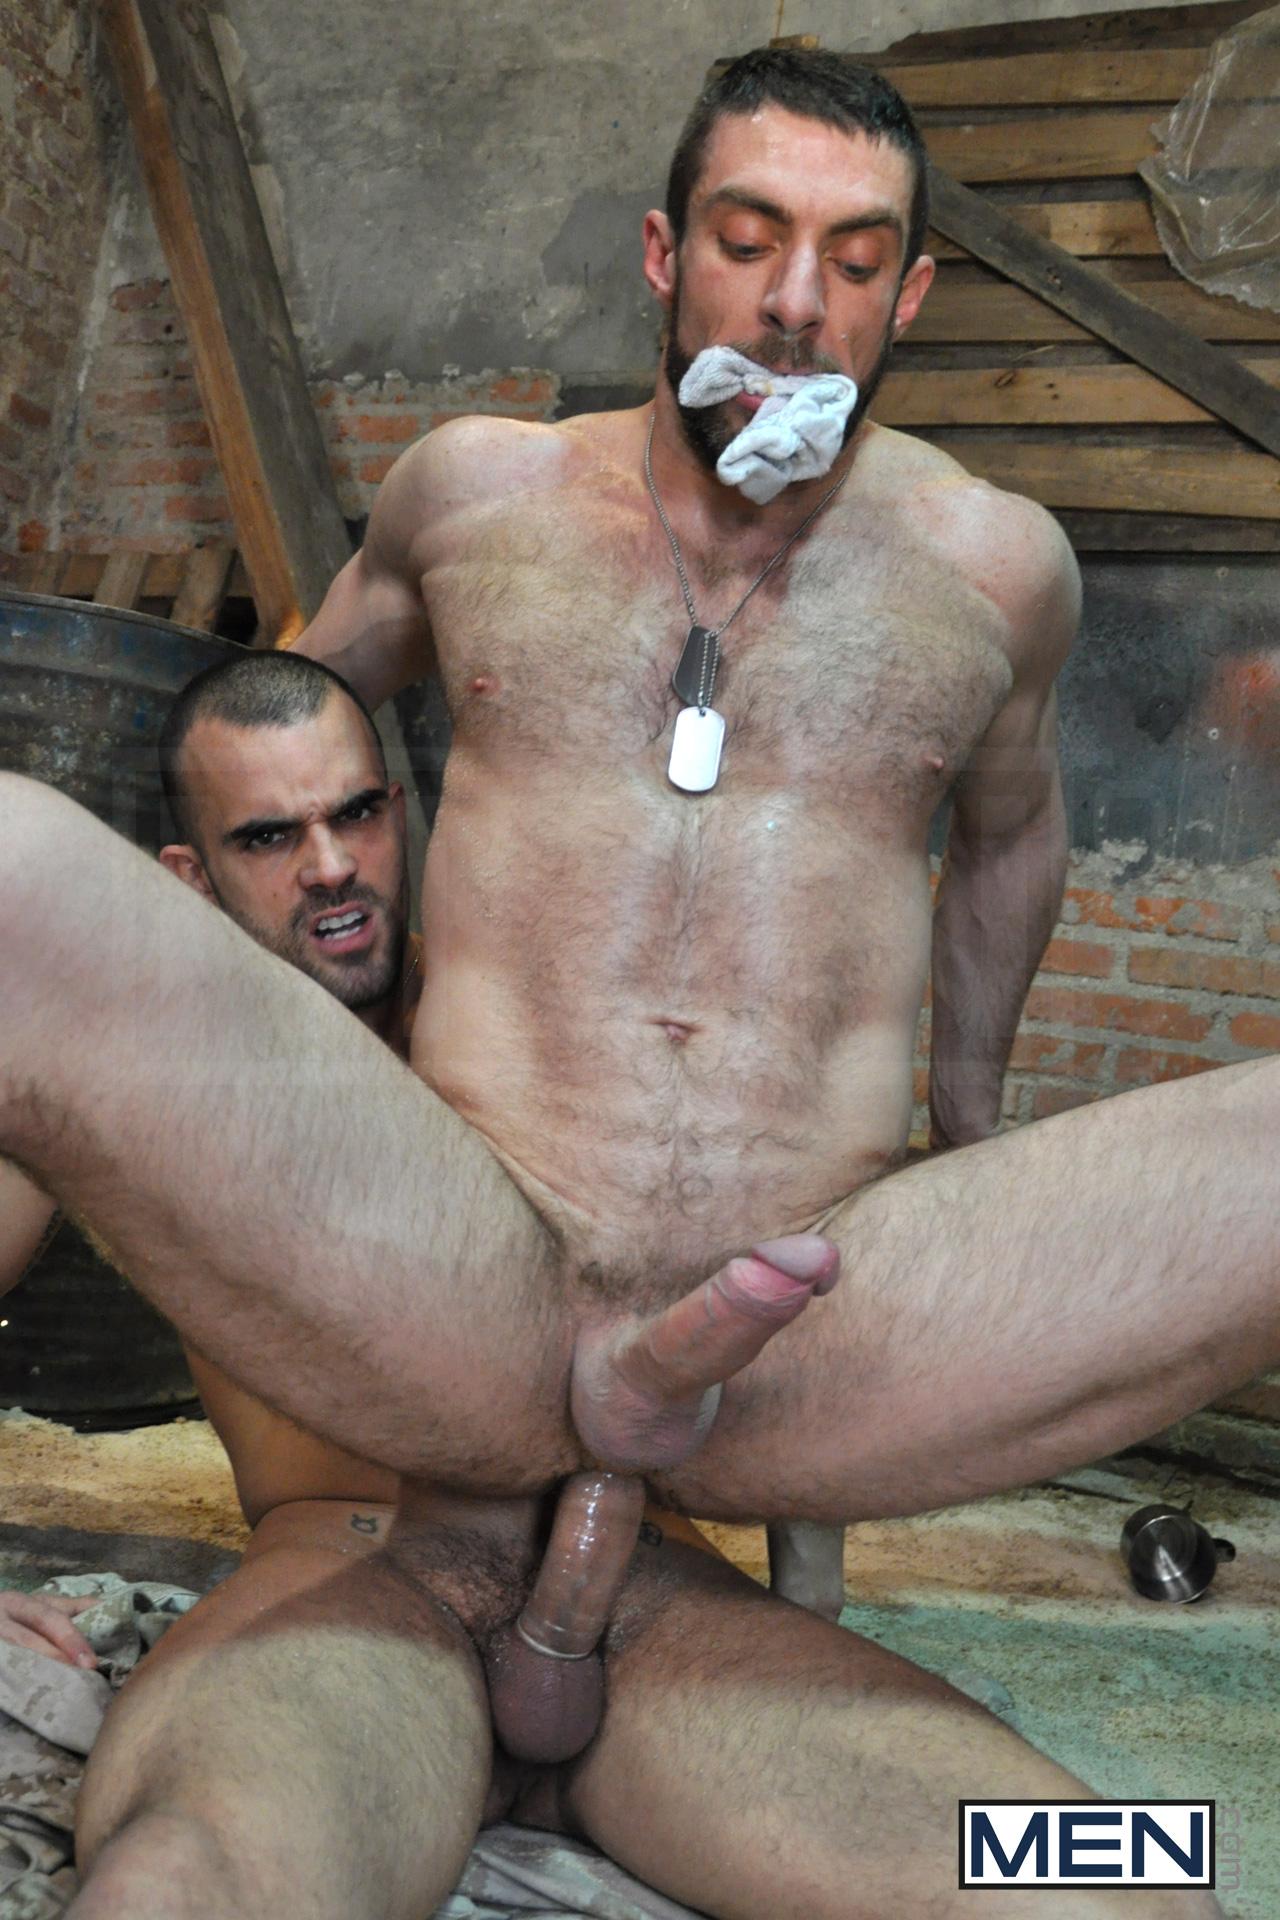 Erotic photo mature